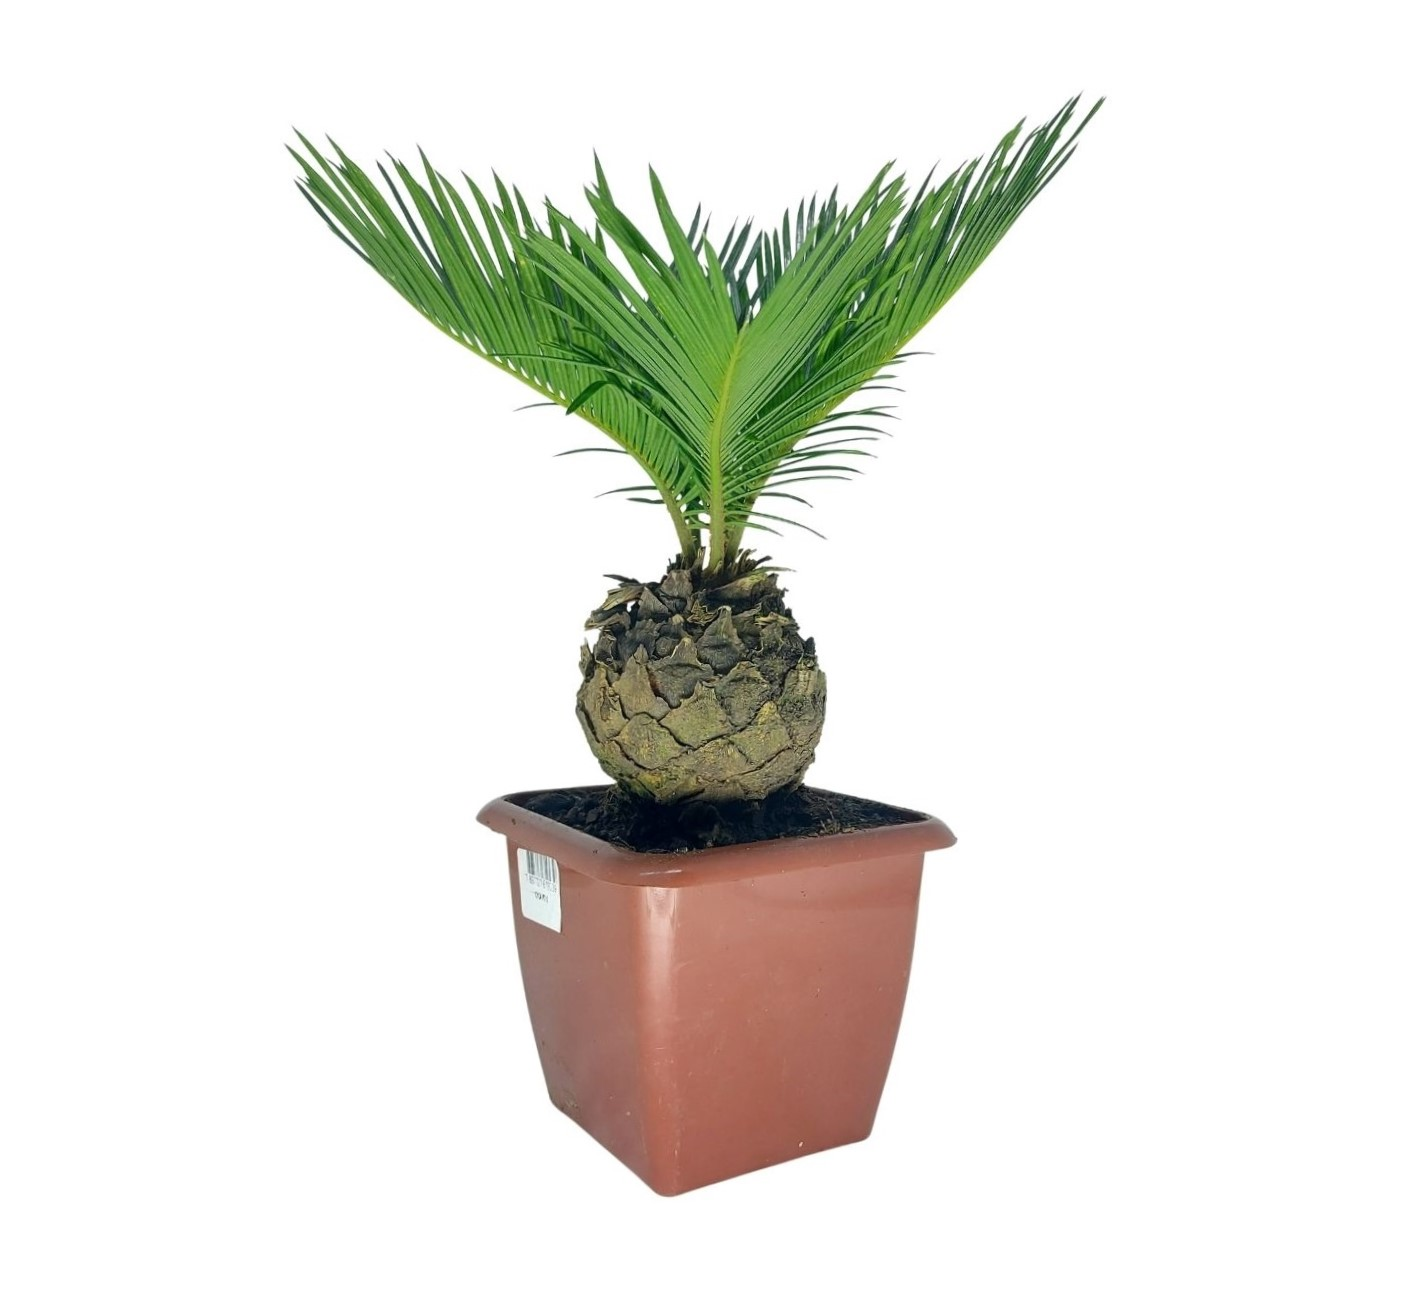 Muda de Palmeira Cica Revoluta pote 12